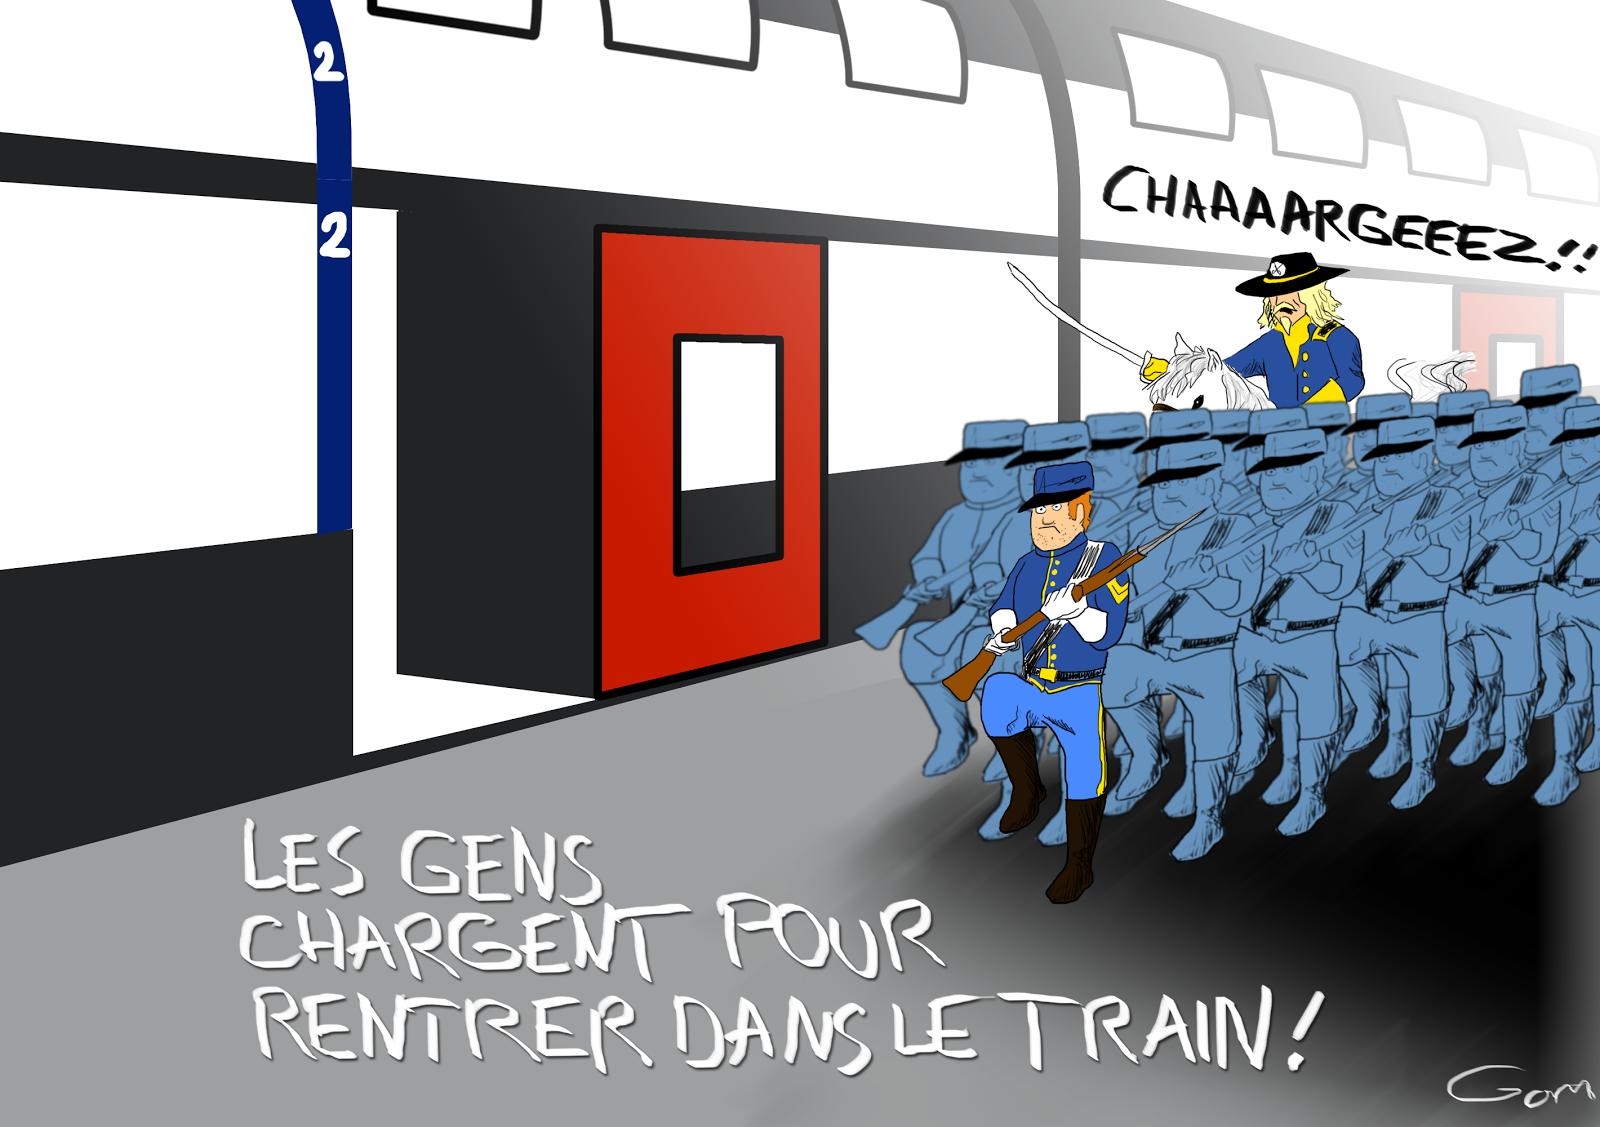 charger pour rentrer dans le train